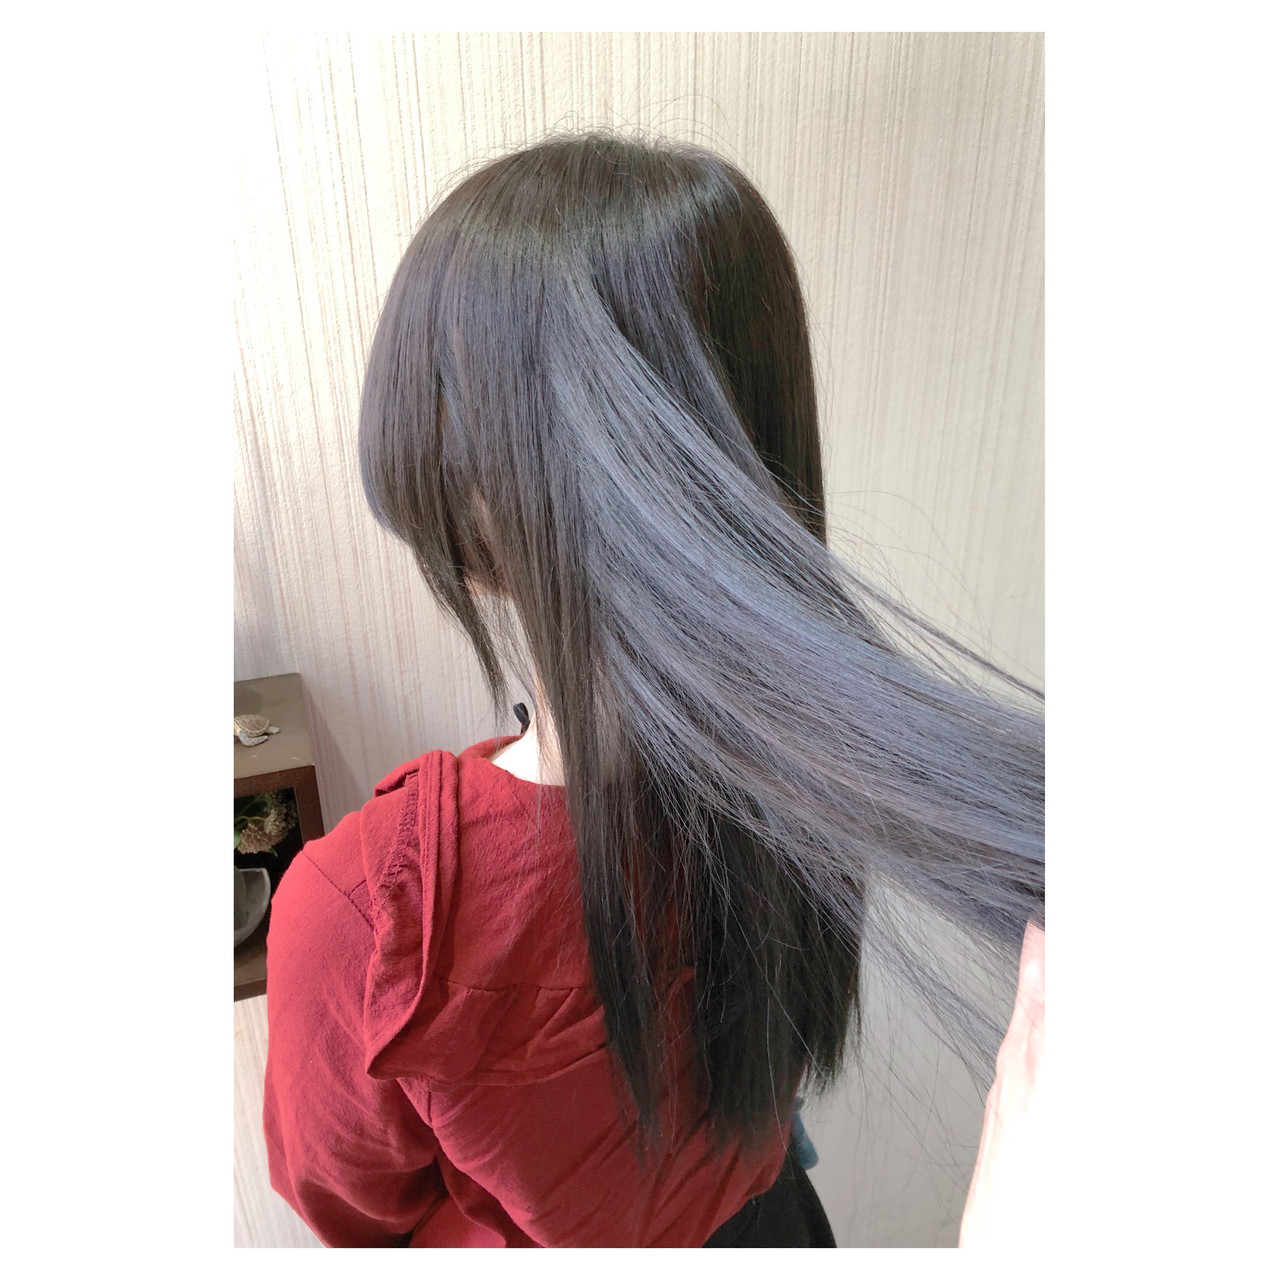 アンニュイほつれヘア デート グレージュ 簡単ヘアアレンジ ヘアスタイルや髪型の写真・画像 | クラ / TOMCAT